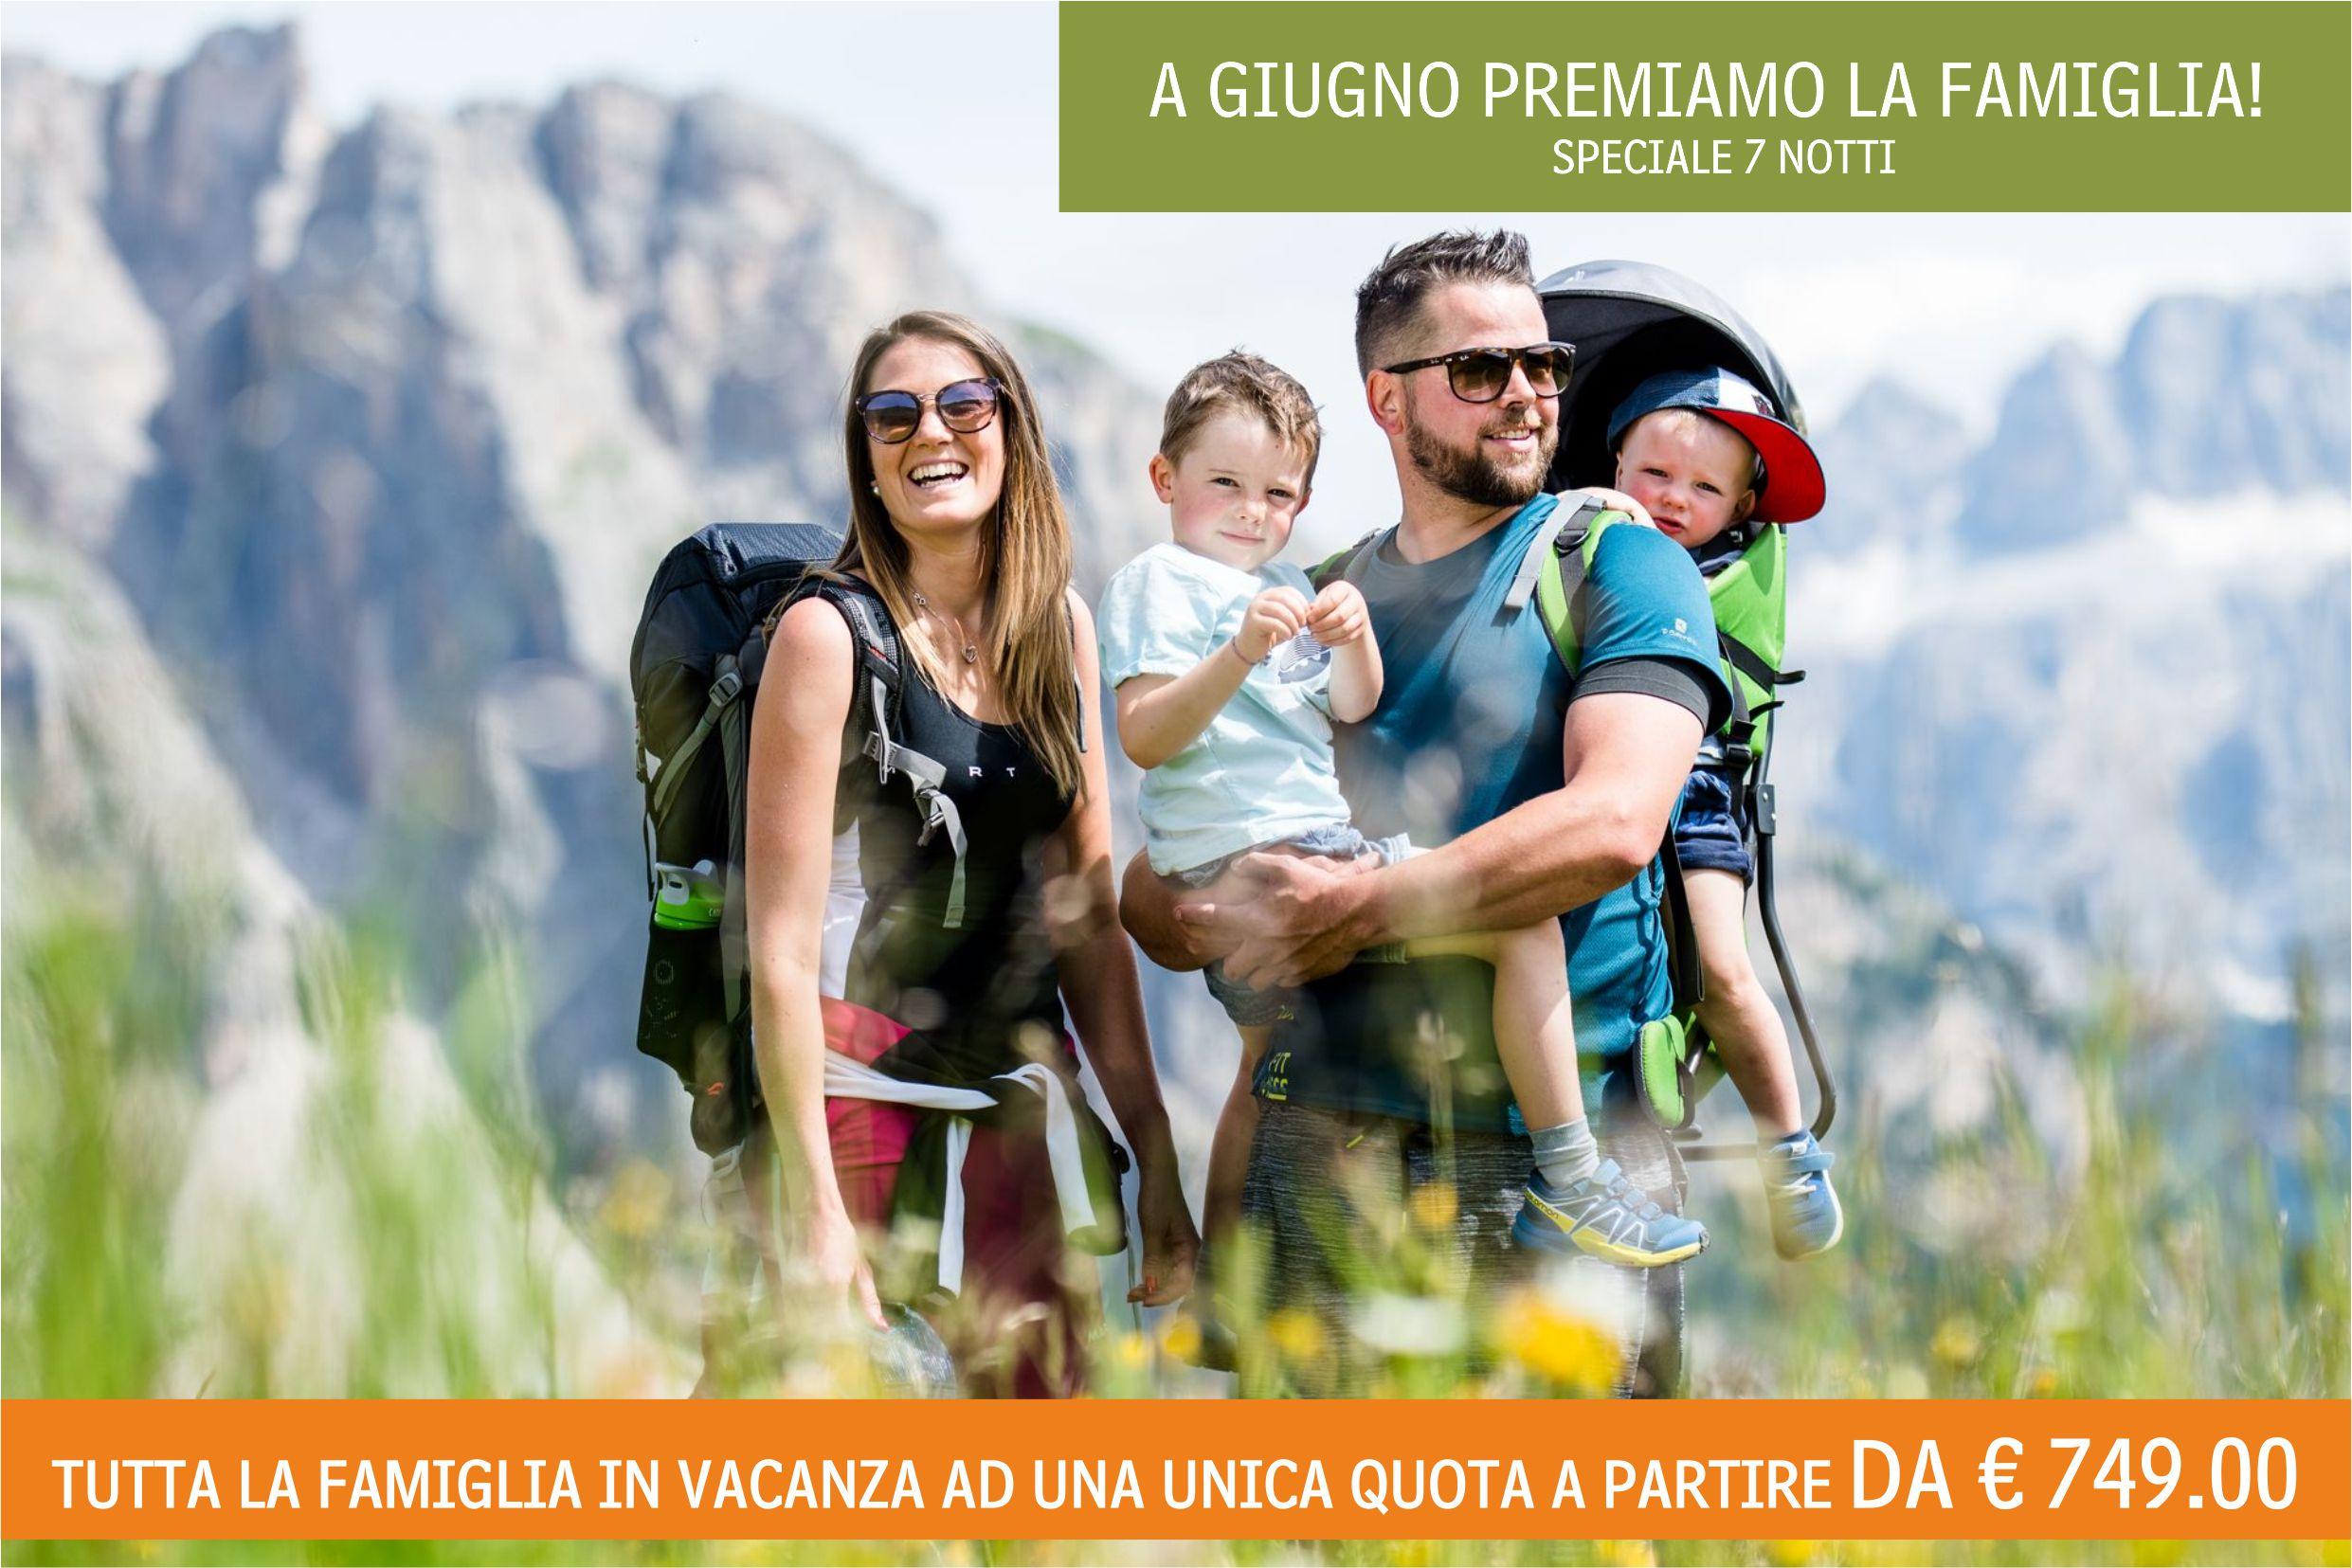 Giugno lo dedichiamo alla famiglia, Soggiorna 7 notti da € 749 a camera!